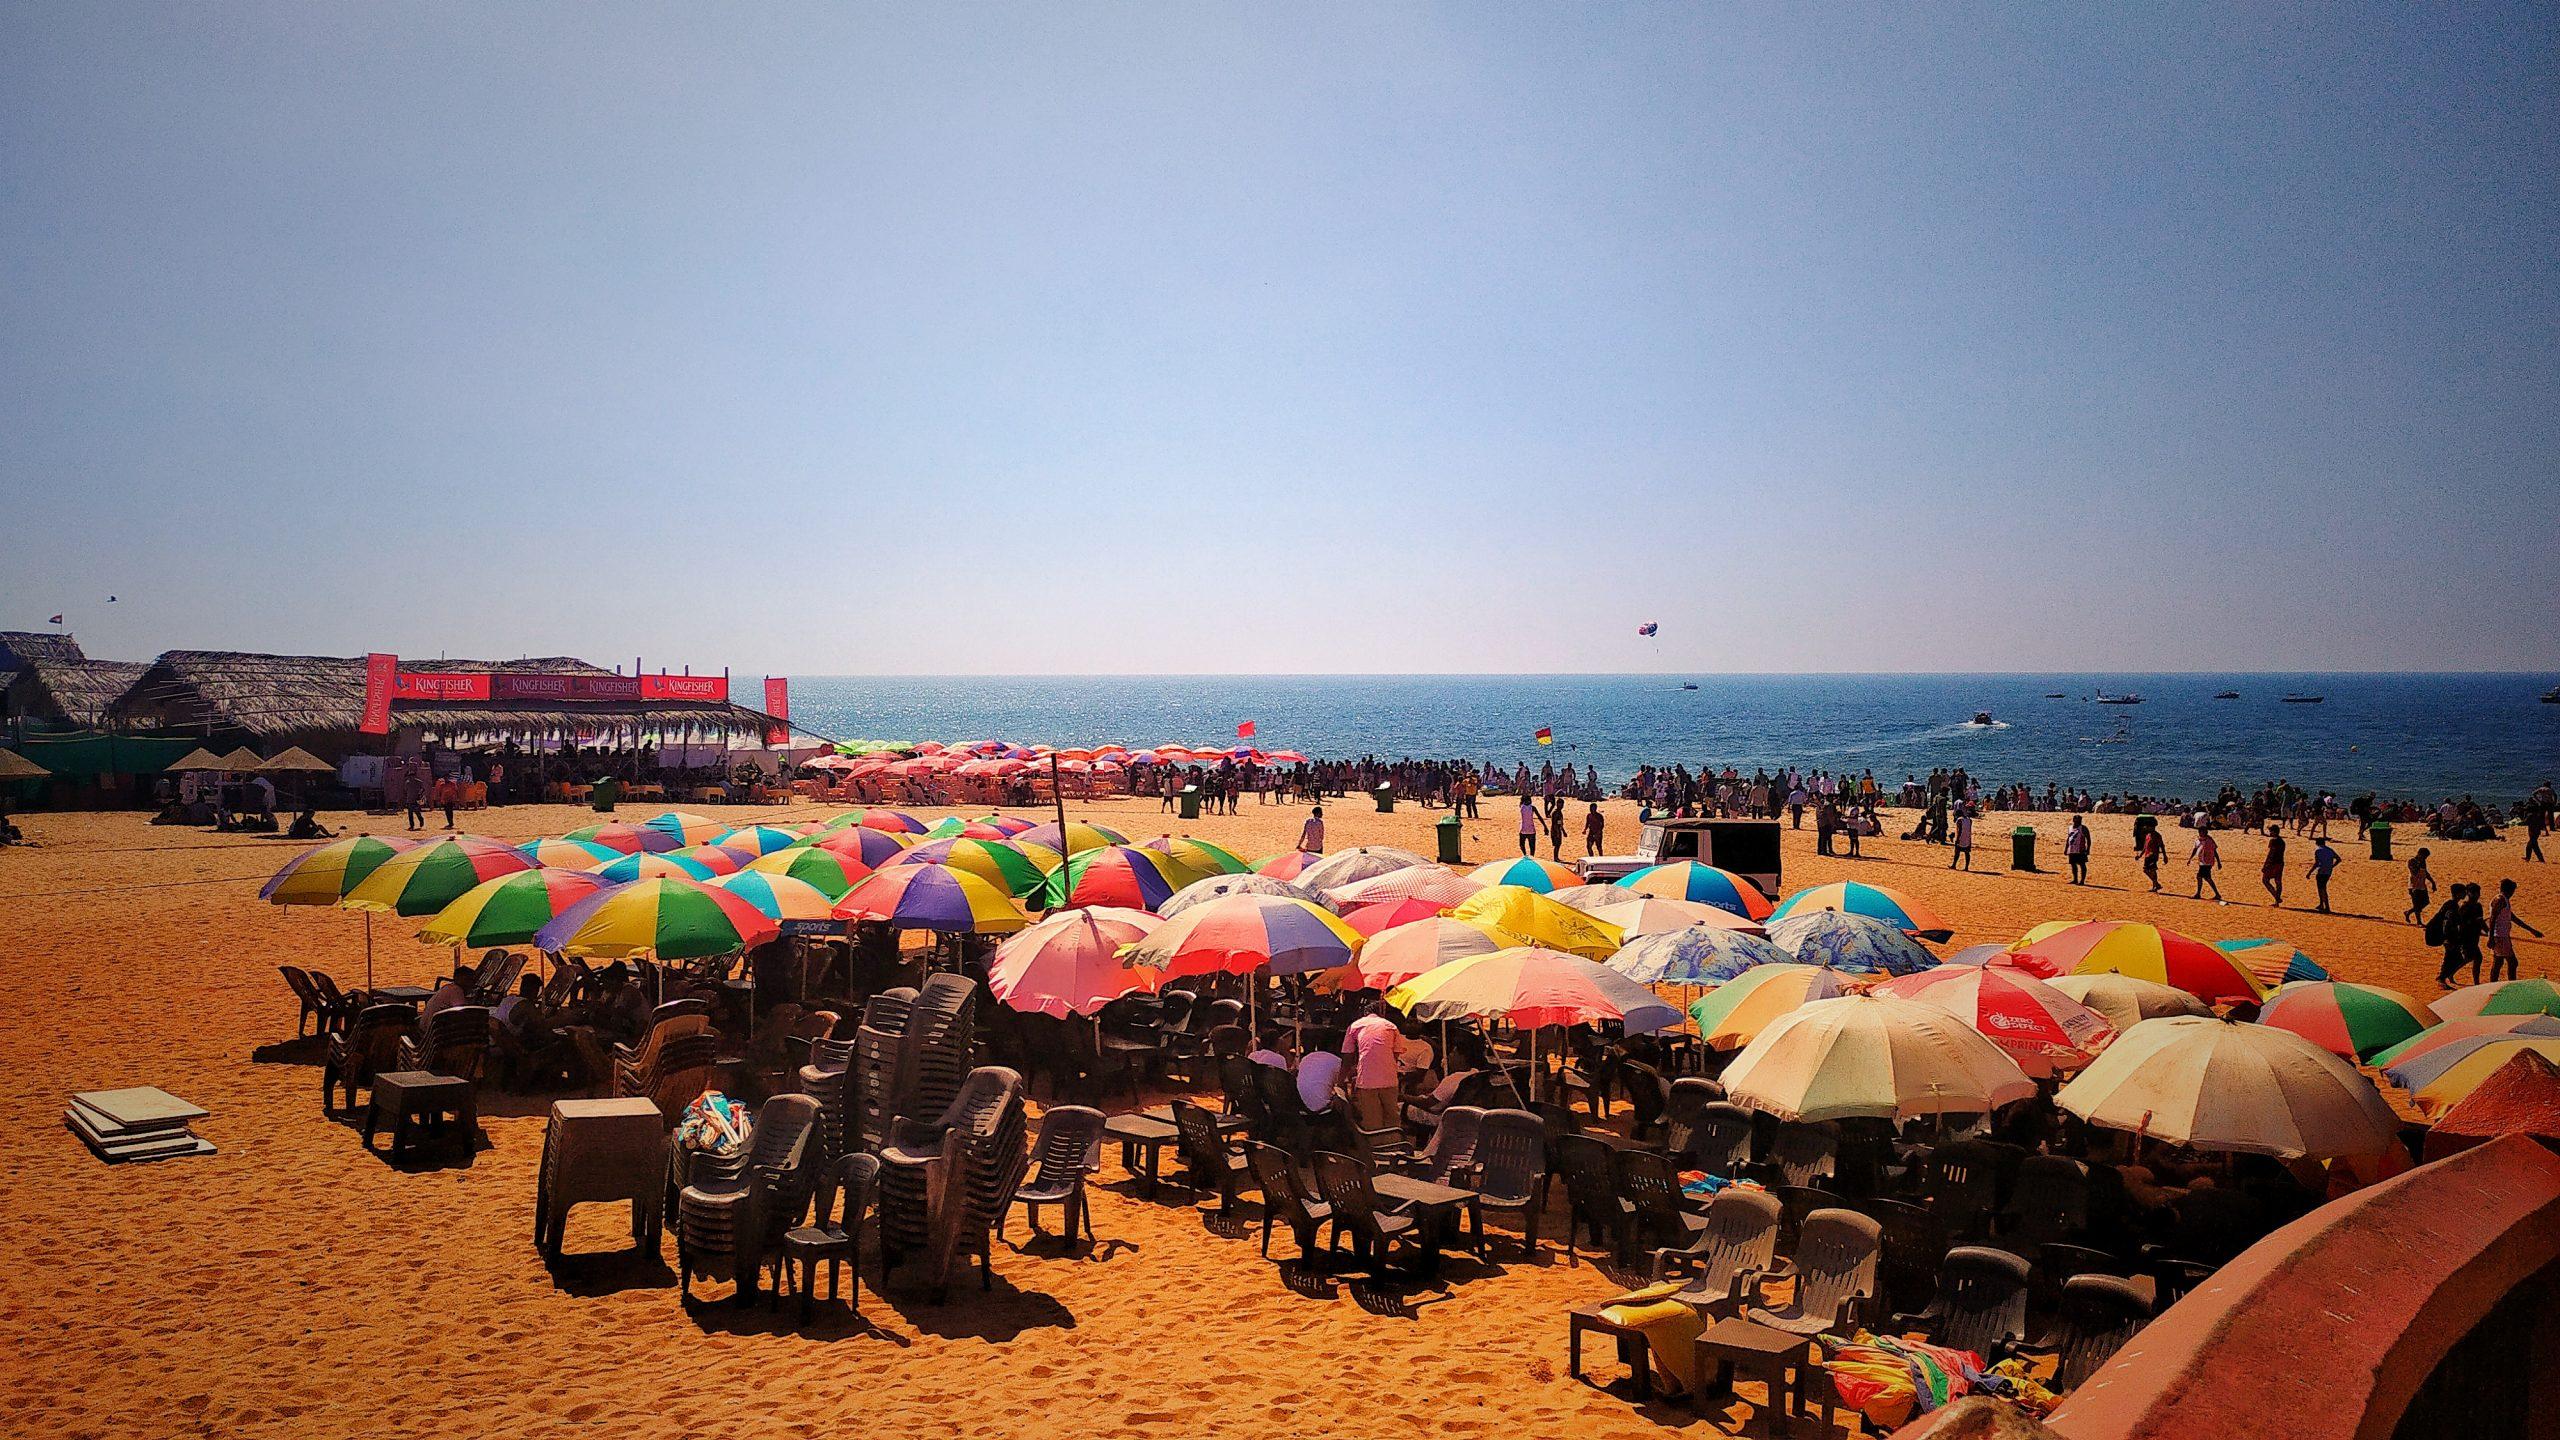 A beach during summer